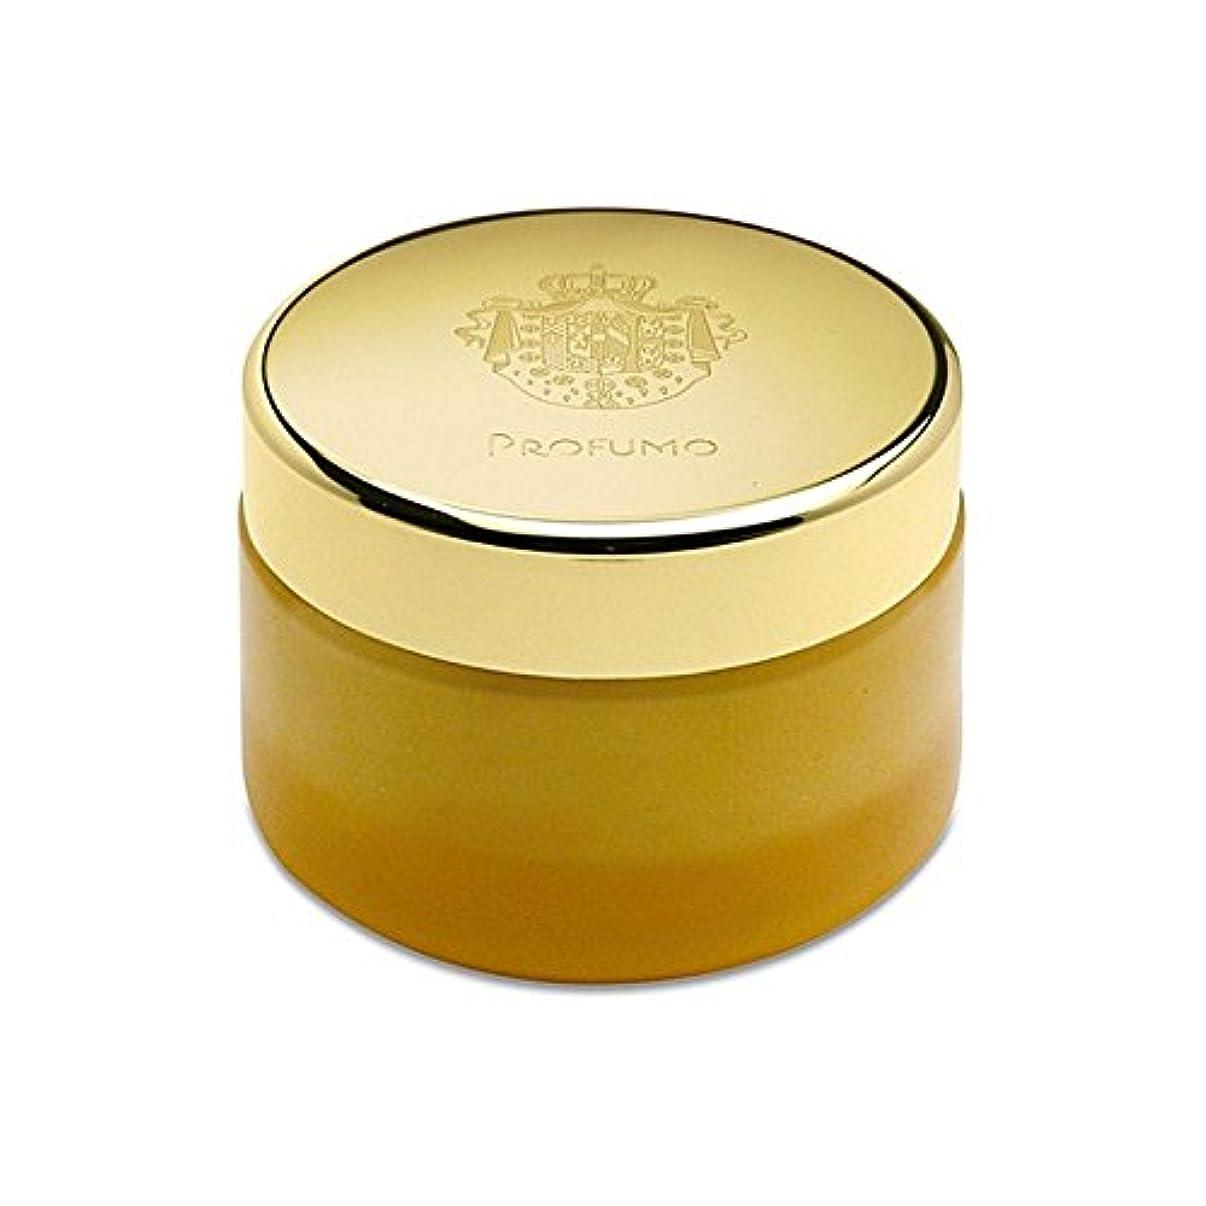 拮抗するデンプシー取り消すアクアディパルマボディクリーム200ミリリットル x4 - Acqua Di Parma Profumo Body Cream 200ml (Pack of 4) [並行輸入品]